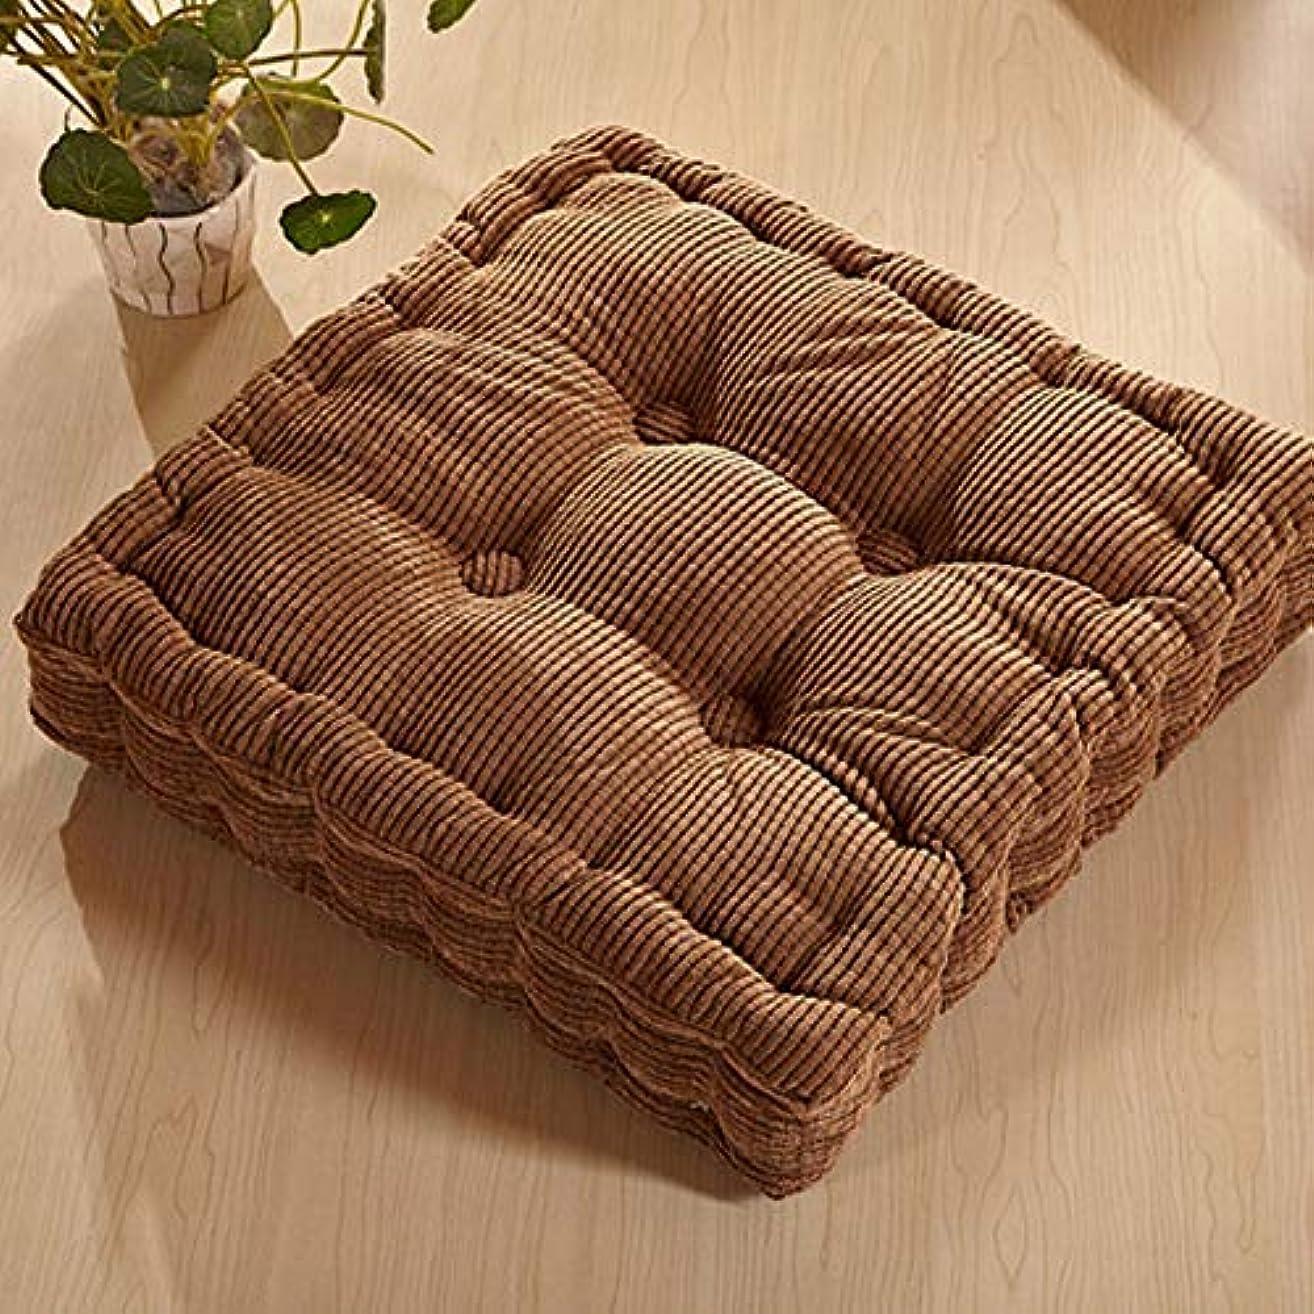 トリップそして贈り物LIFE 肥厚トウモロコシの穂軸畳クッションオフィスチェアクッションソファクッション生地チェアクッションカーシートクッション クッション 椅子